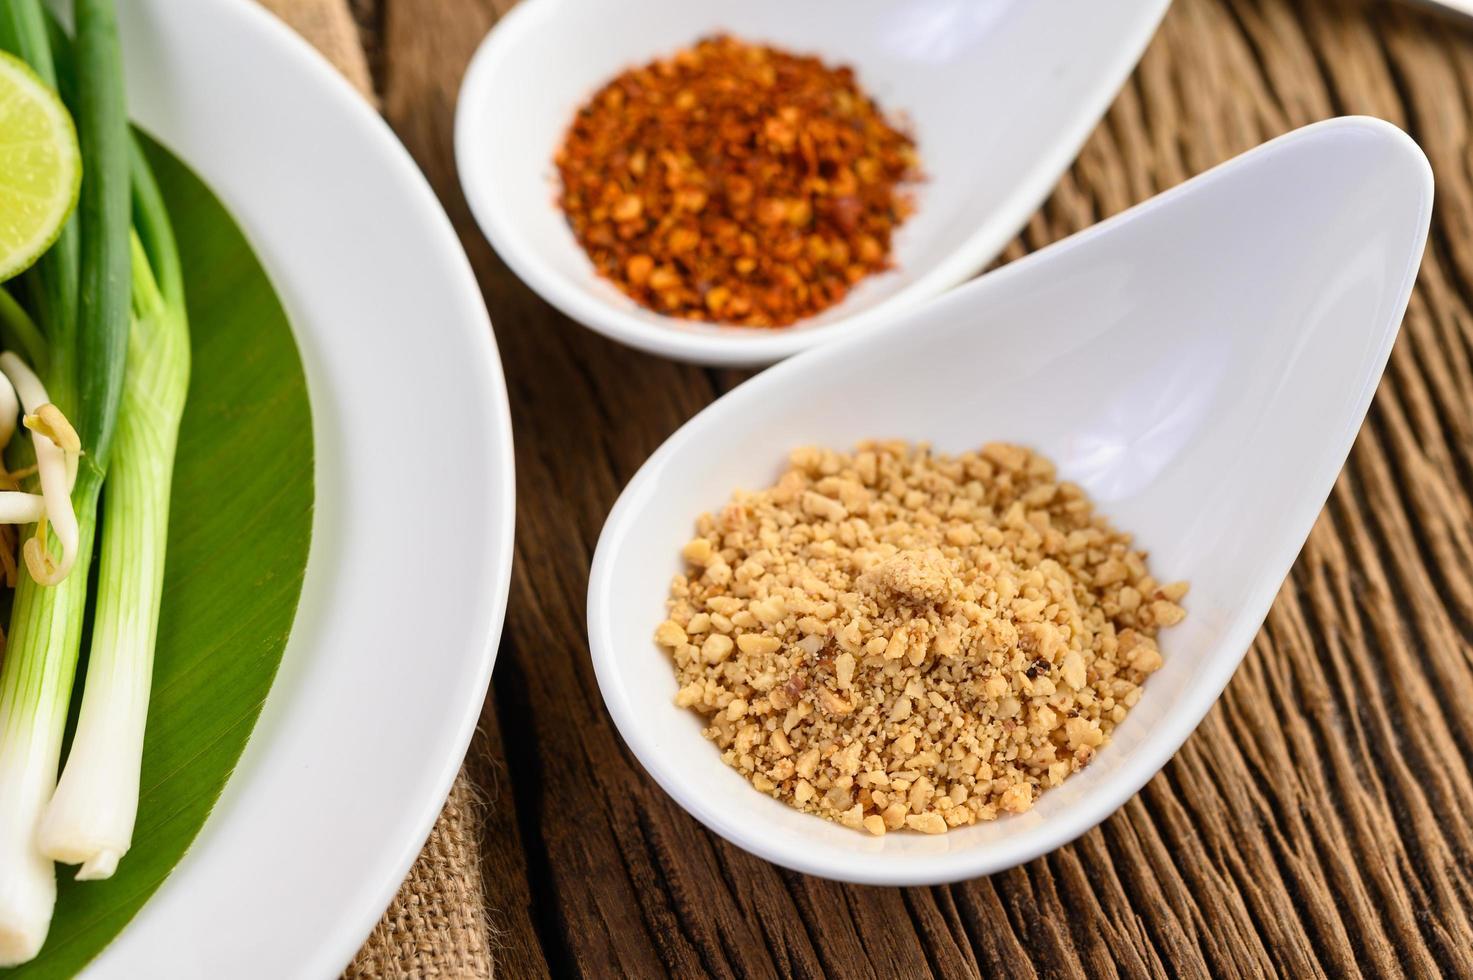 thailändsk krydda i en vit sked på ett träbord foto